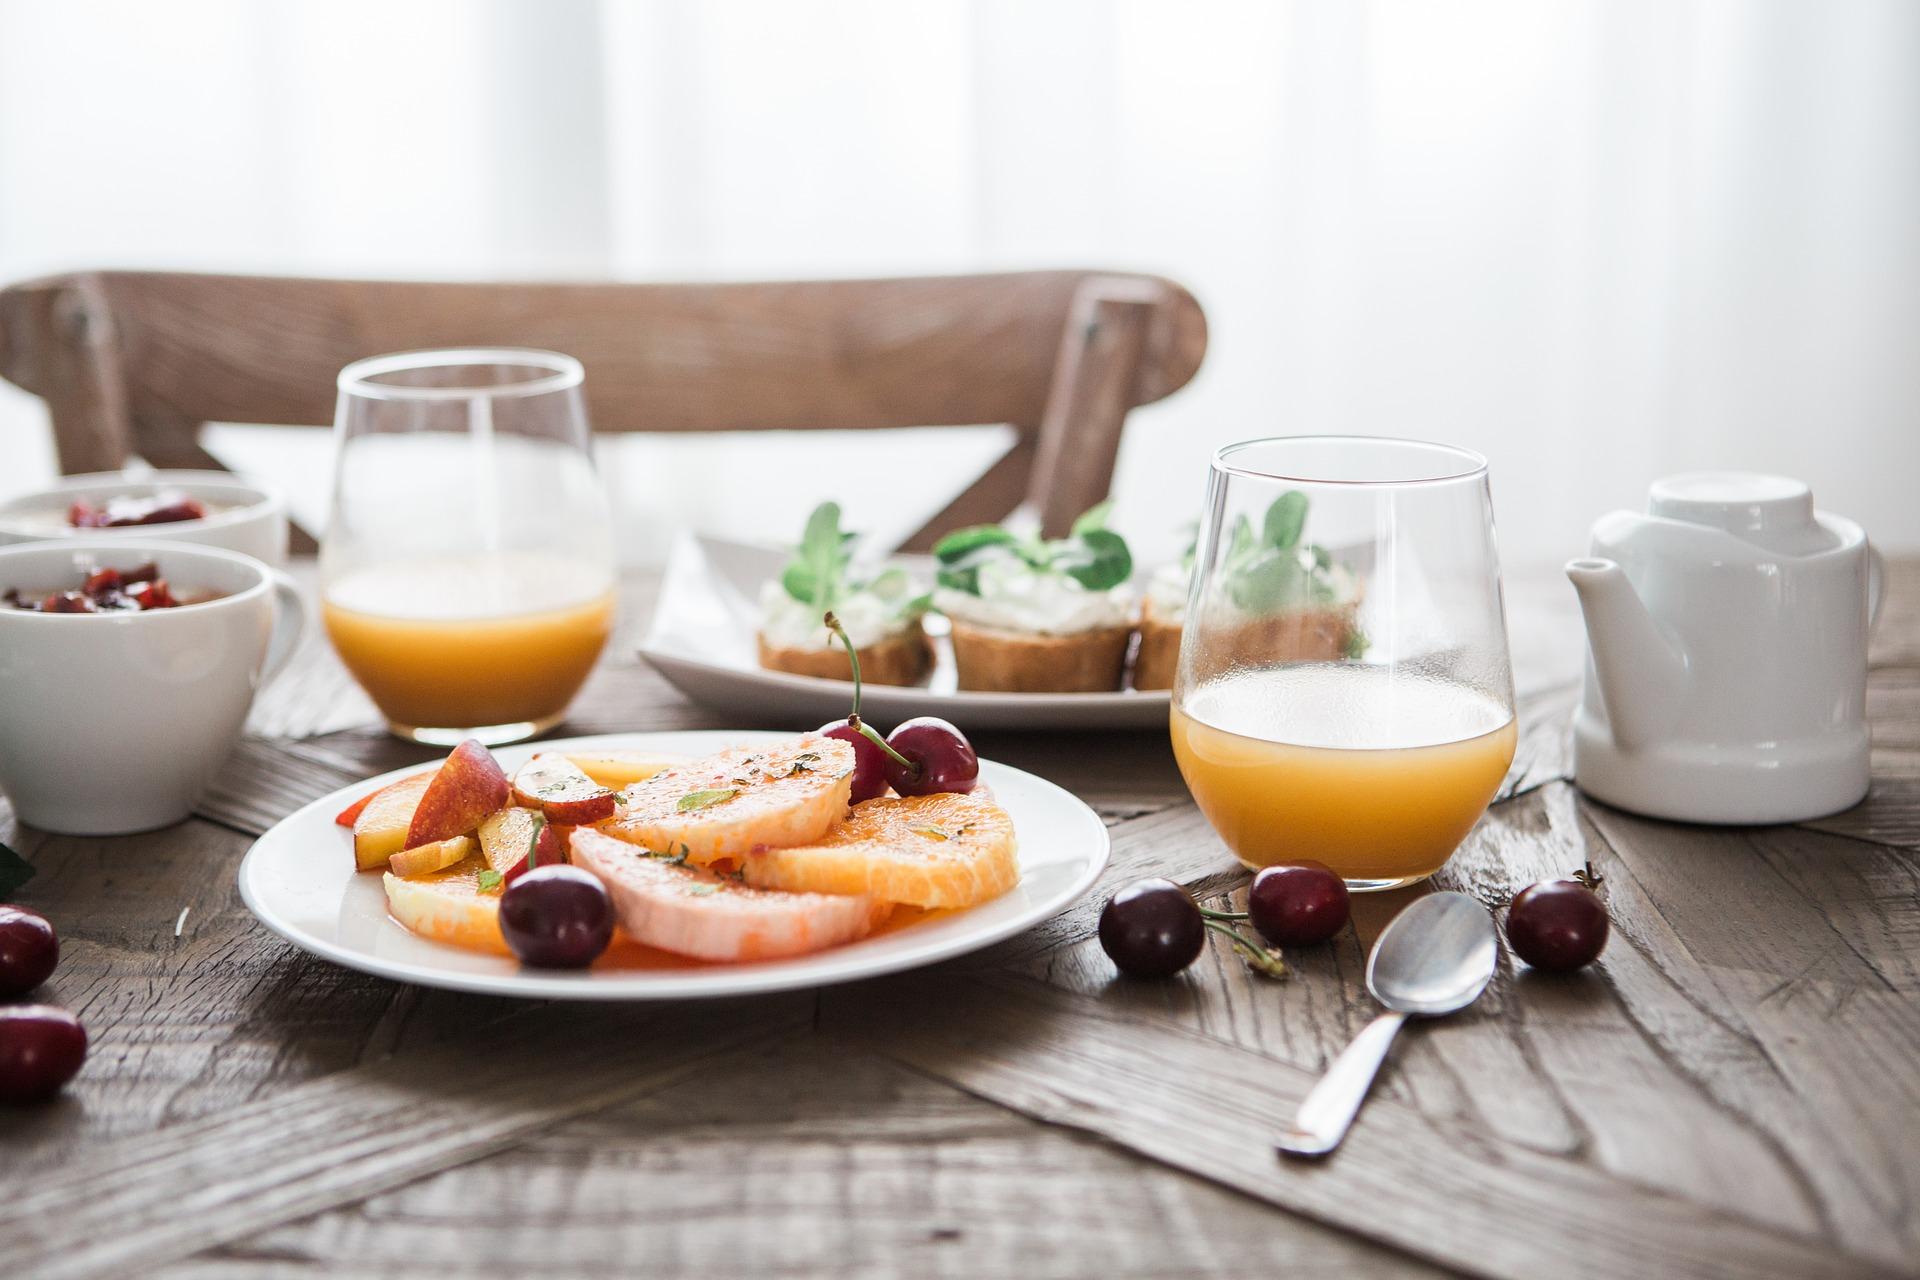 Sú, alebo nie sú raňajky najdôležitejším jedlom dňa? Budete prekvapení